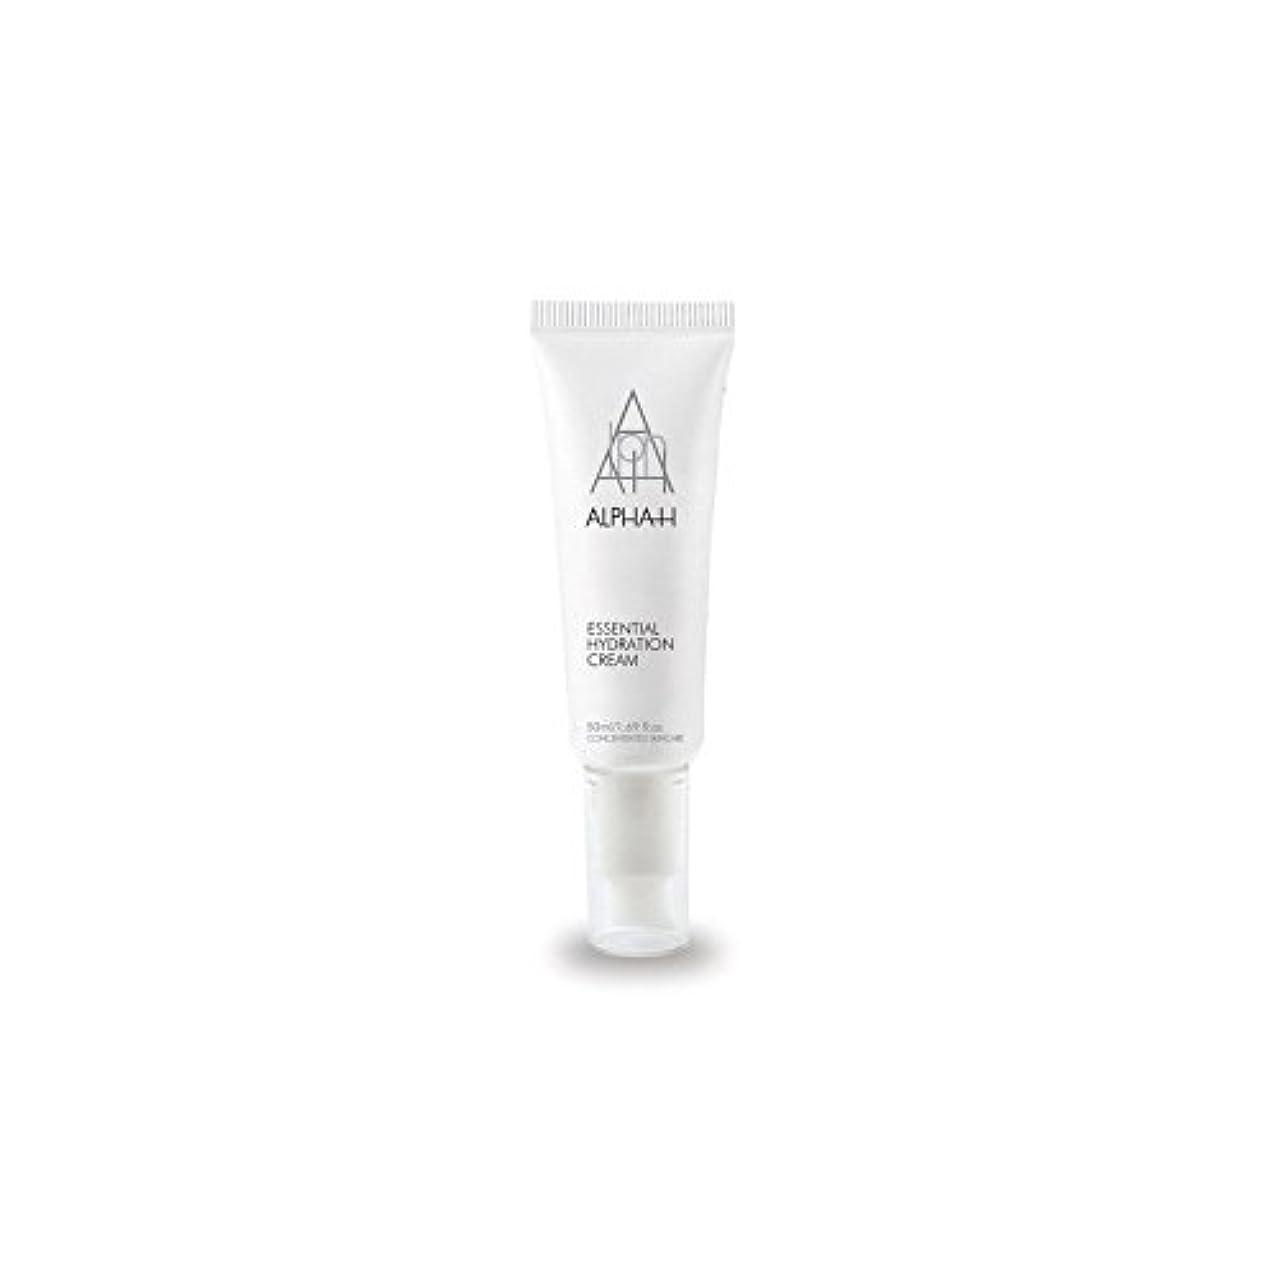 鬼ごっこ魅力的であることへのアピール刈るアルファ必須水和クリーム(50)中 x4 - Alpha-H Essential Hydration Cream (50ml) (Pack of 4) [並行輸入品]